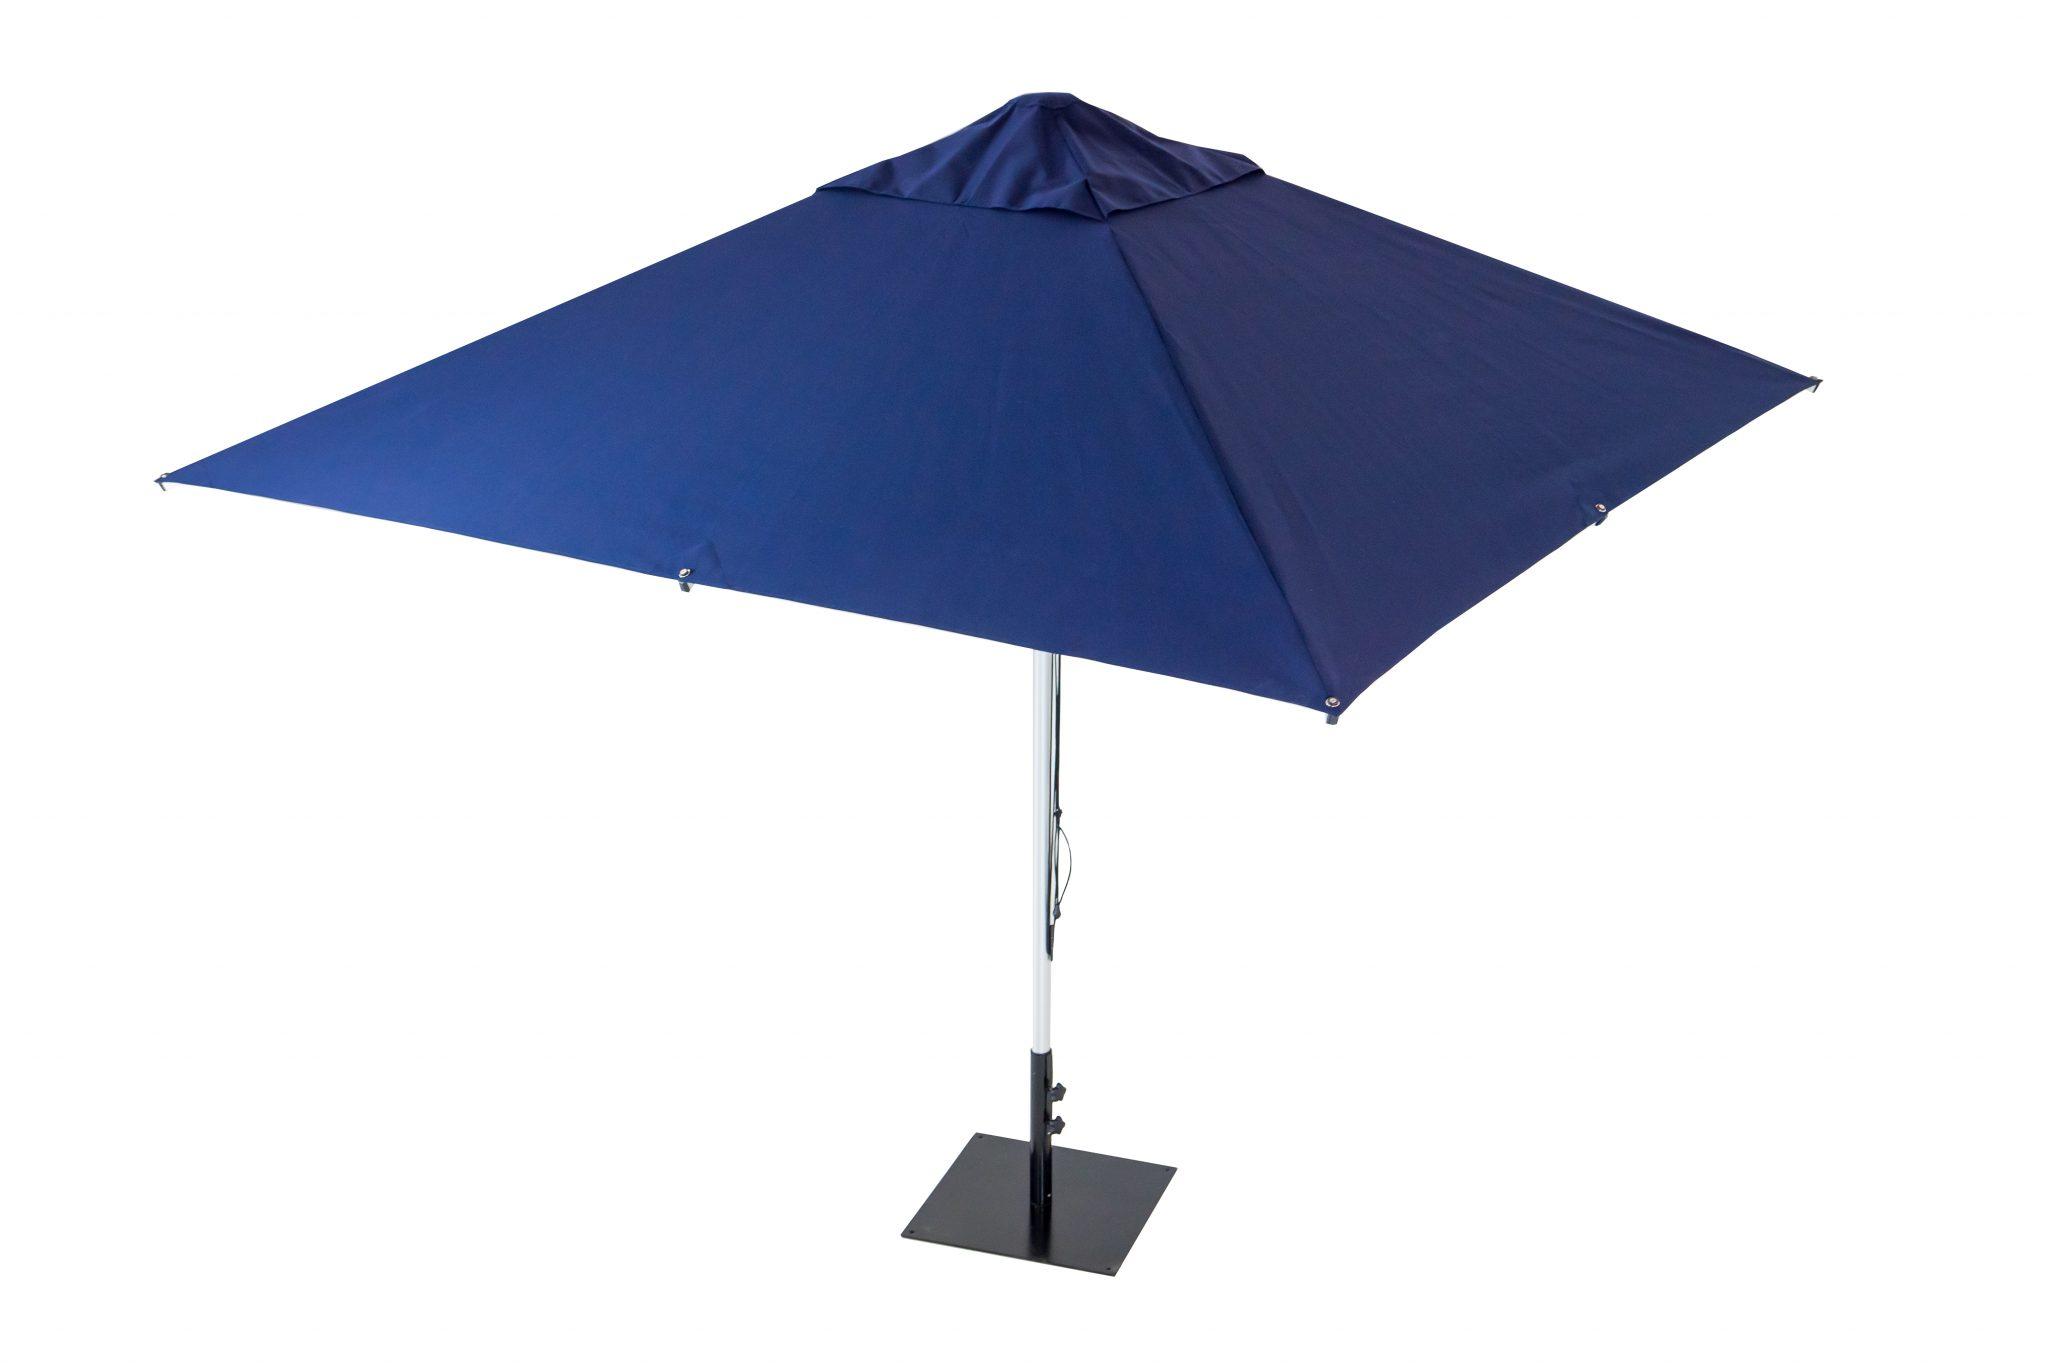 3m Square Bistro Series Parasol